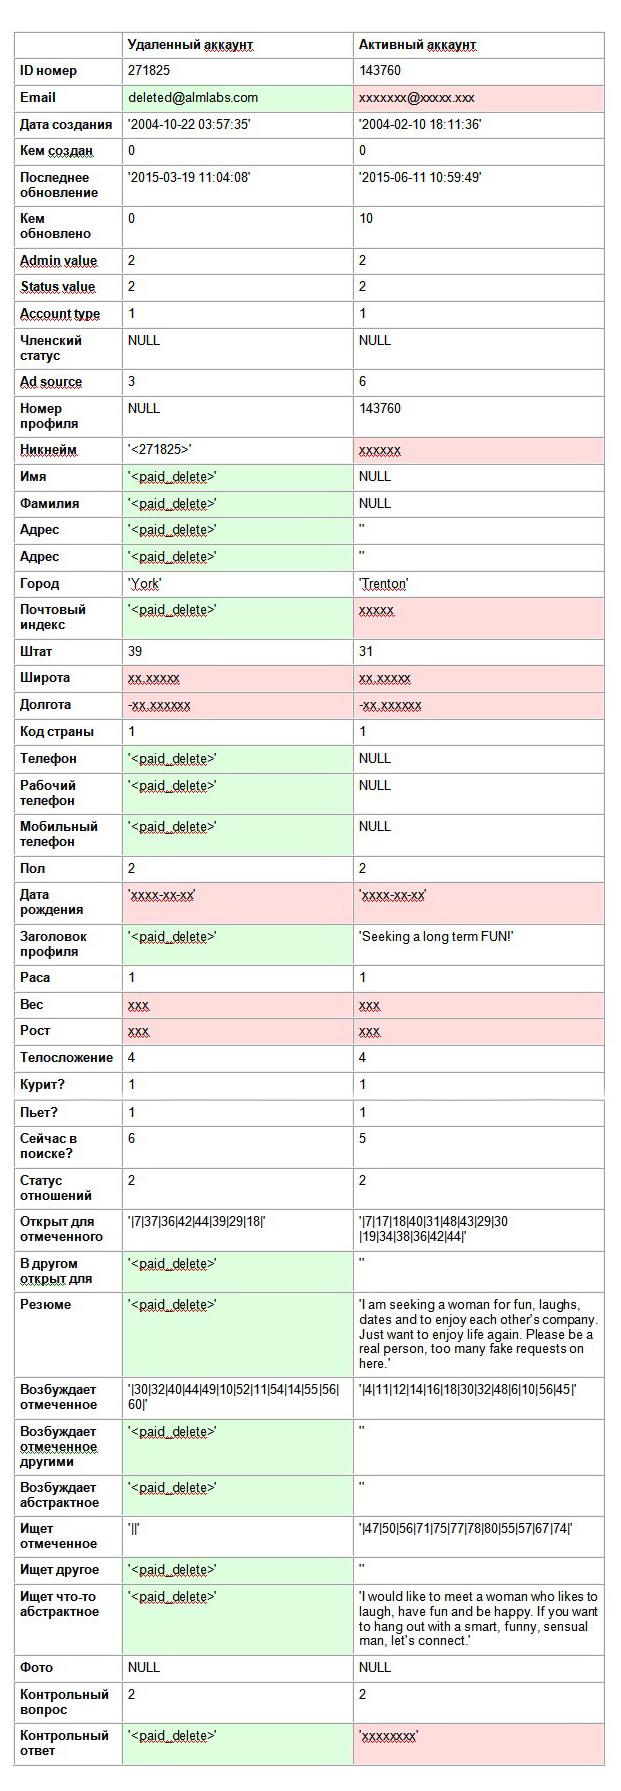 Сравнительная таблица данных об удаленном и активном аккаунтах. Красным отмечена (и подвергнута цензуре) информация, которая может привести к идентификации пользователя